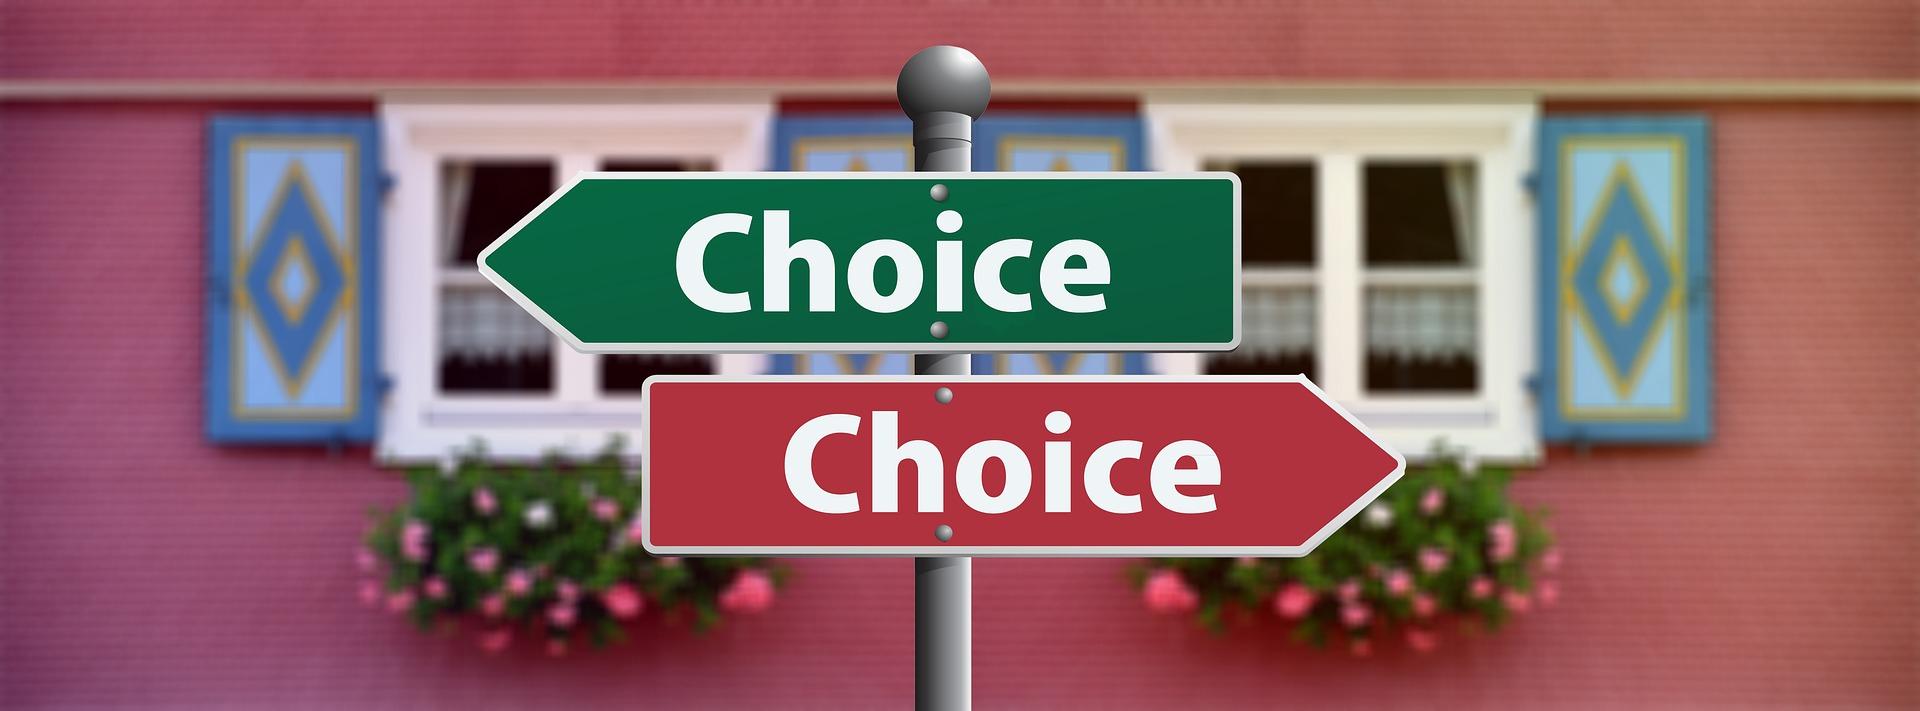 קבלת החלטות ופעולות מנע